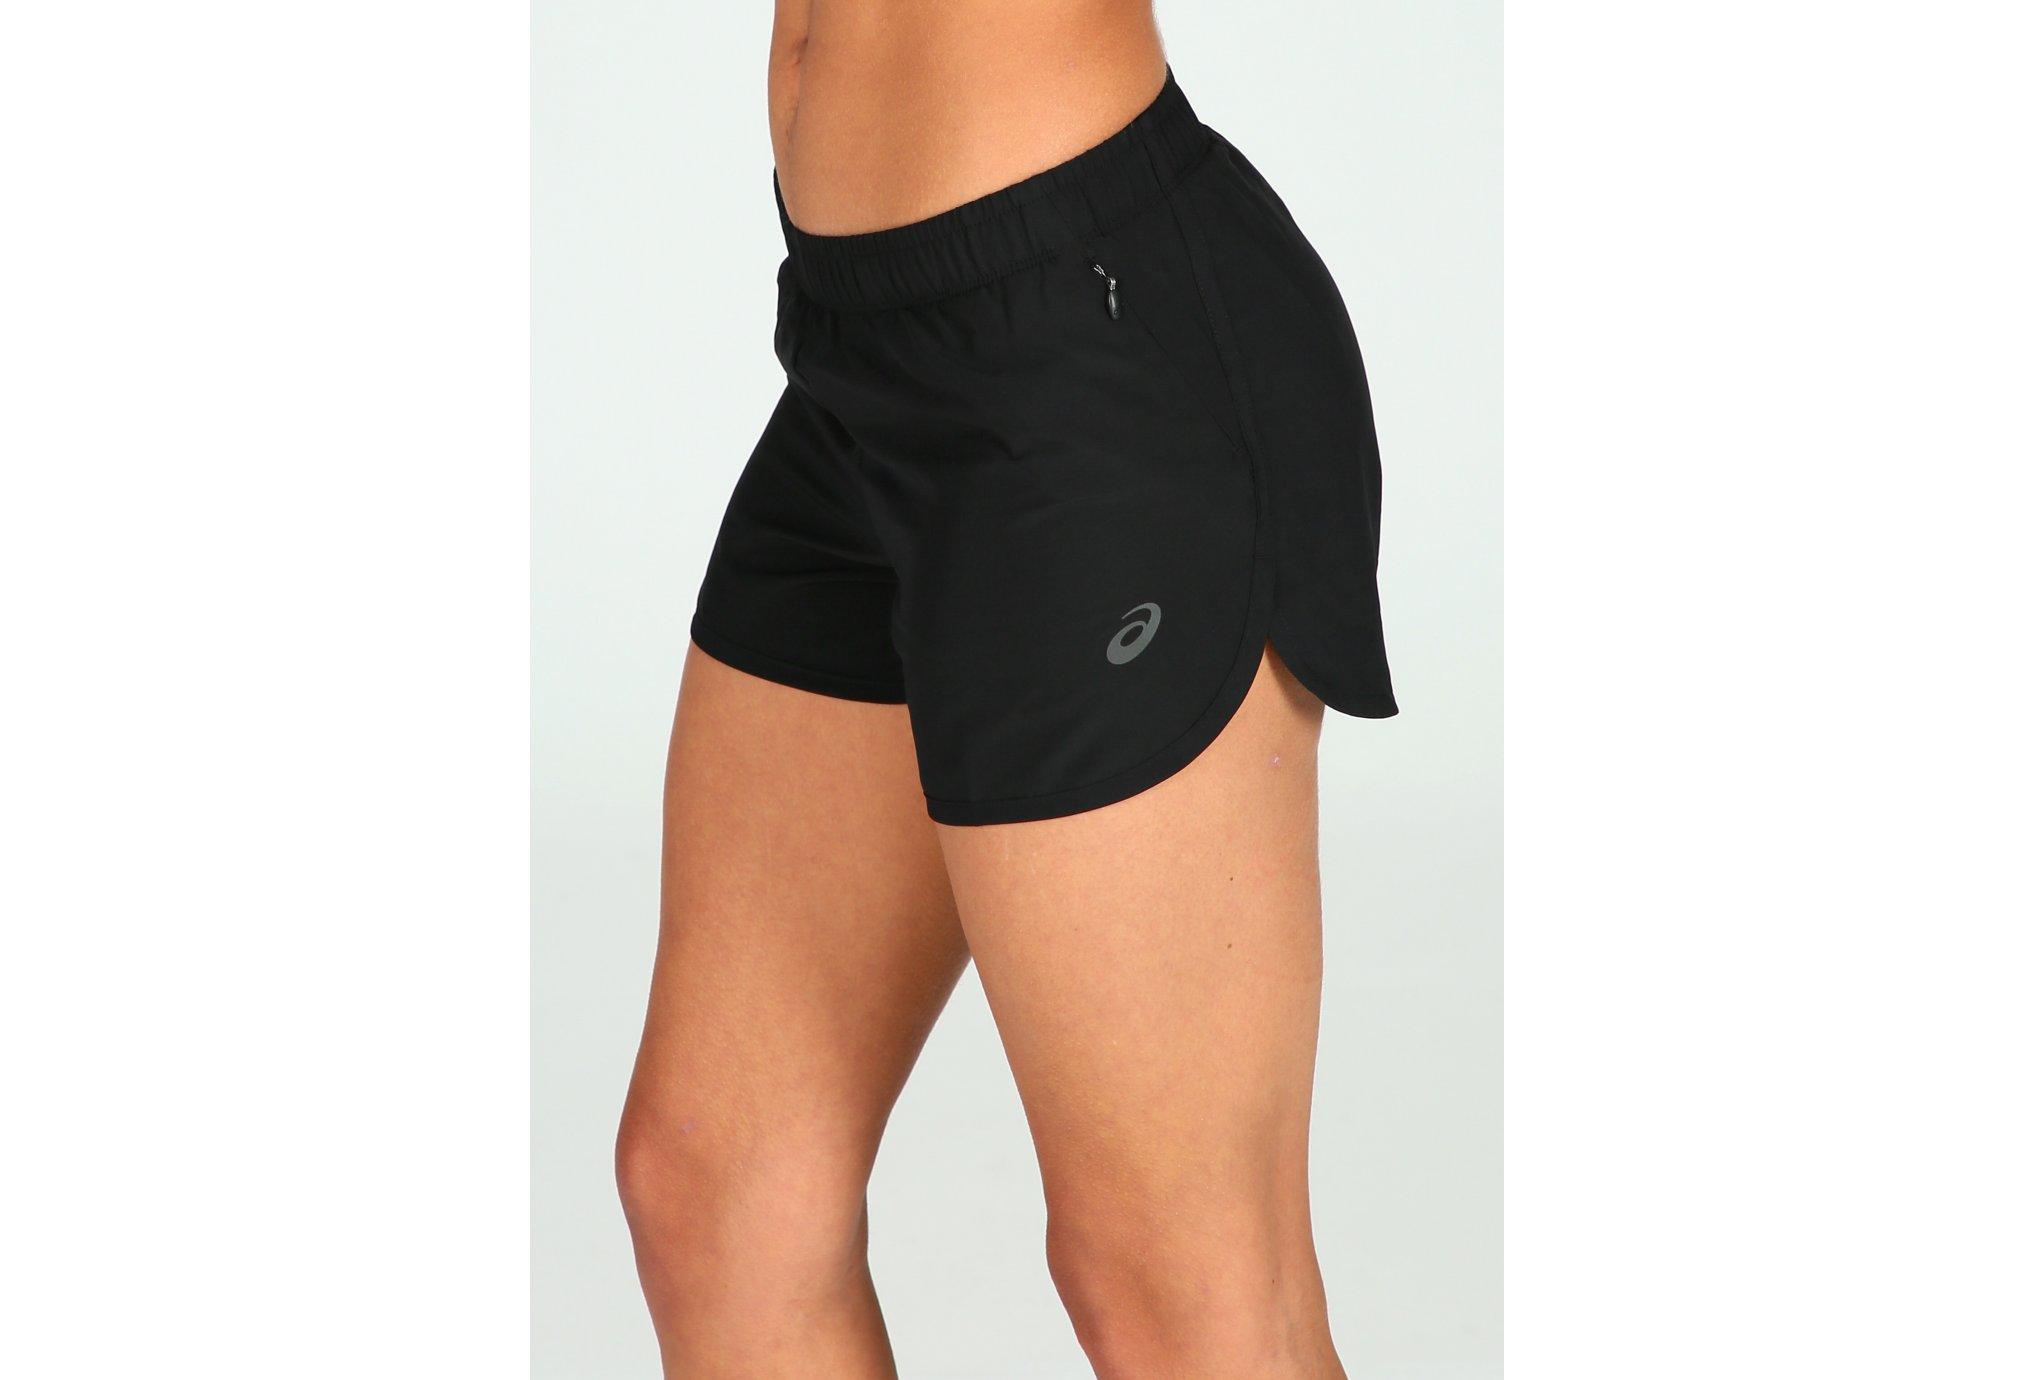 Asics Short 3.5 Inch W Diététique Vêtements femme